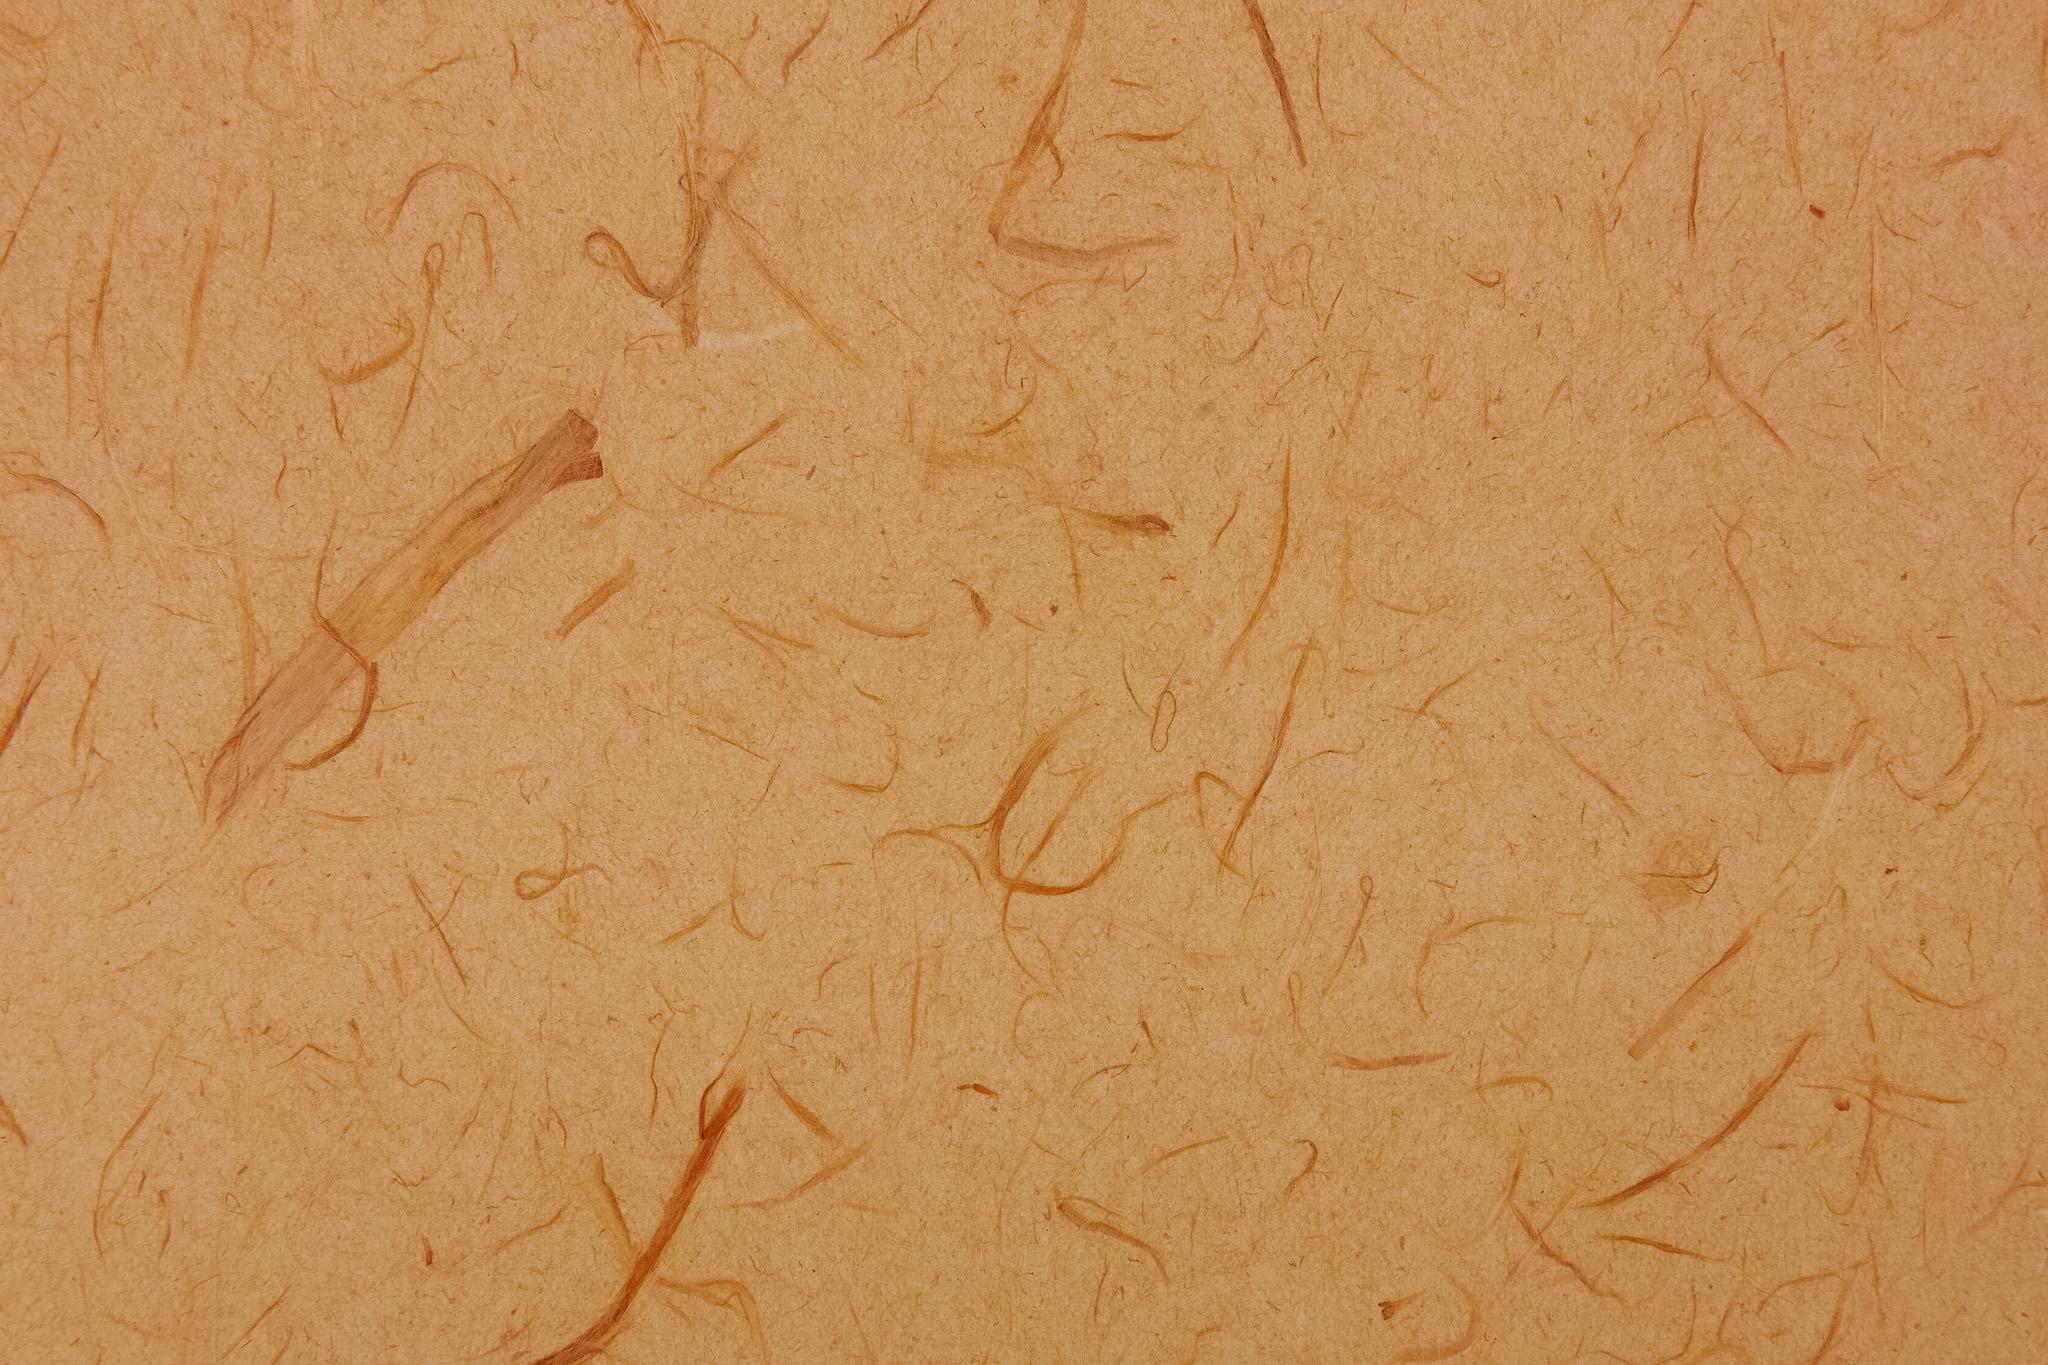 「黄みの深い赤褐色の和紙」の背景を無料ダウンロード